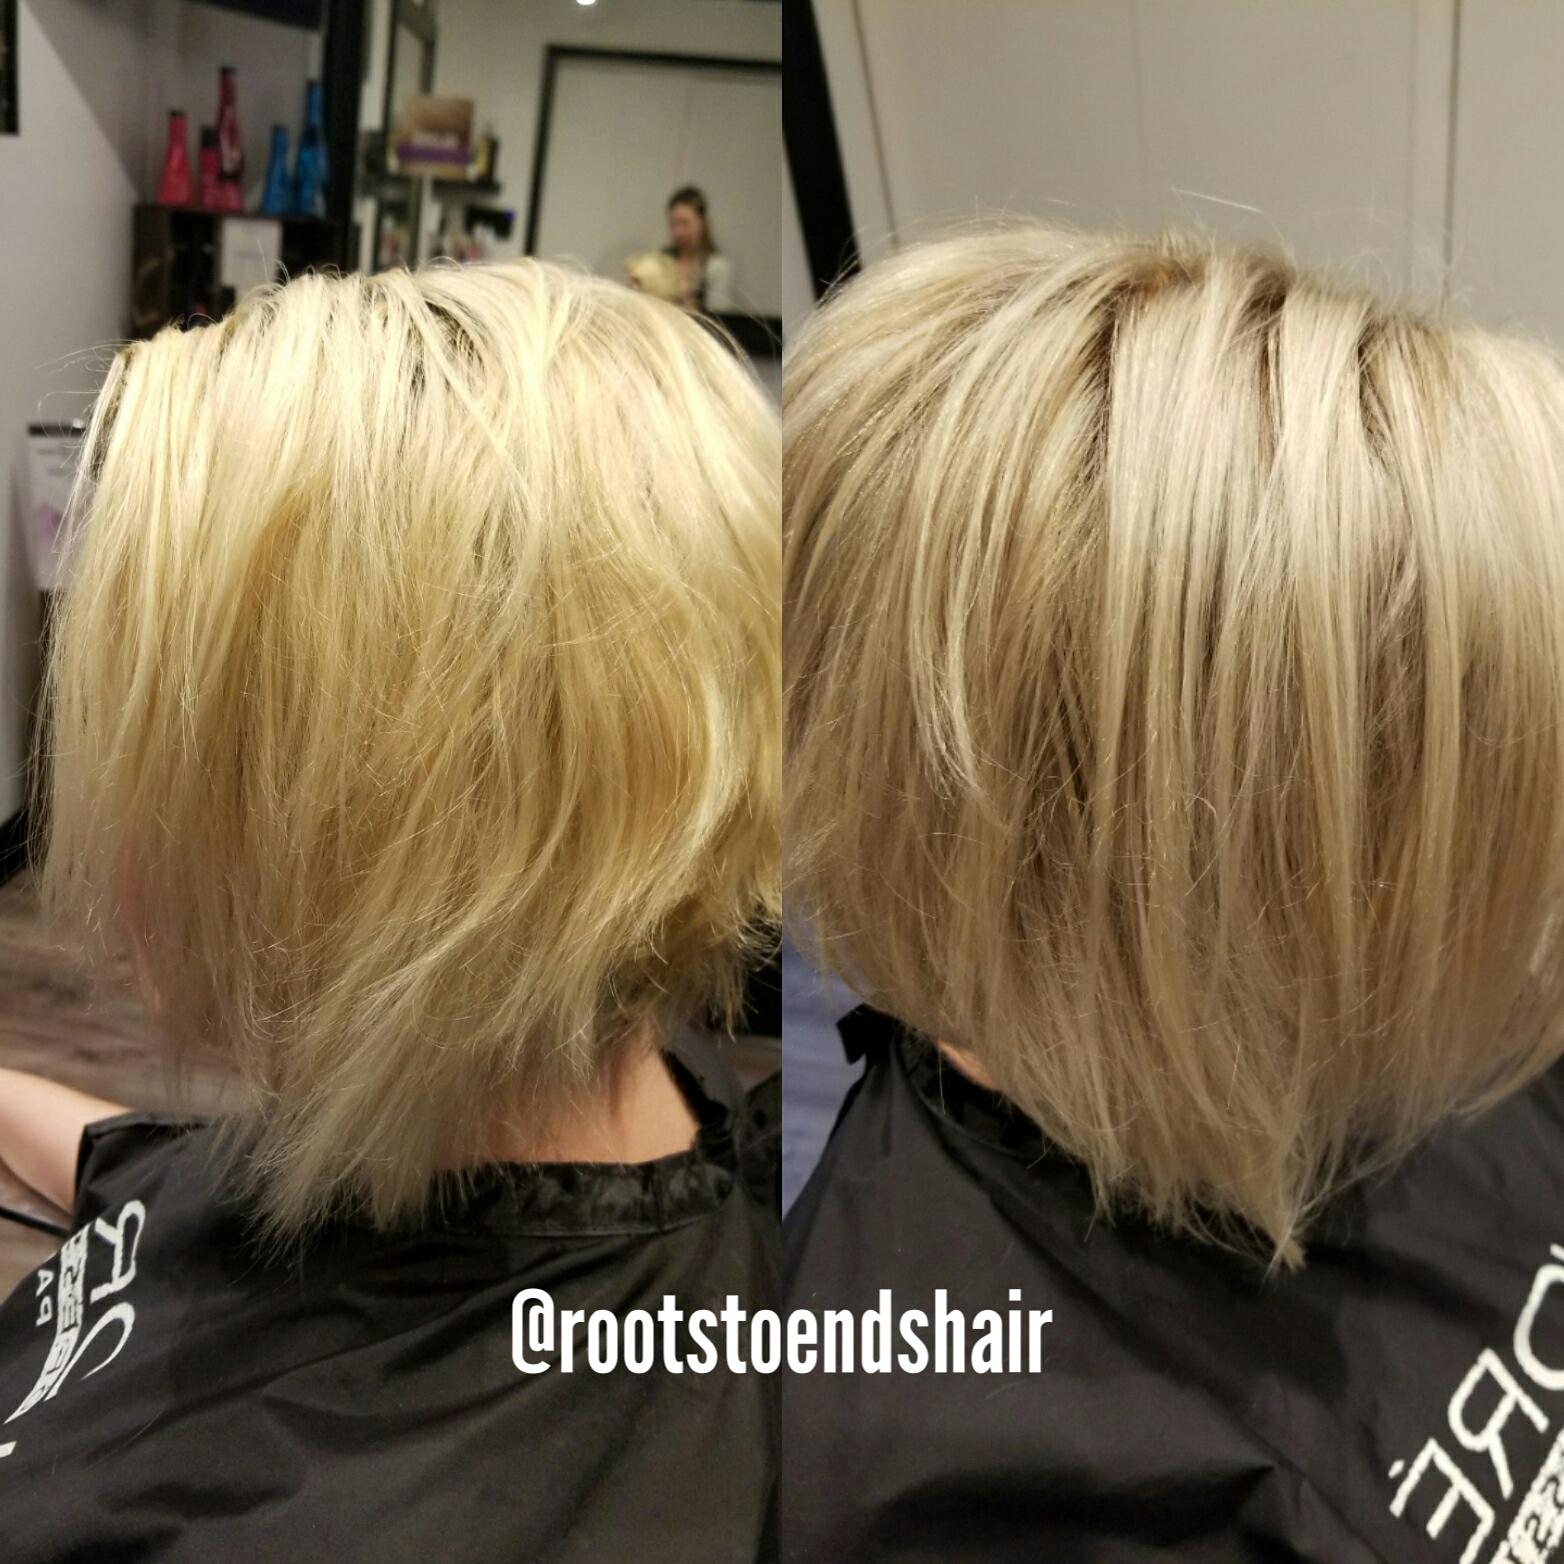 Gold Blonde vs Ash Blonde